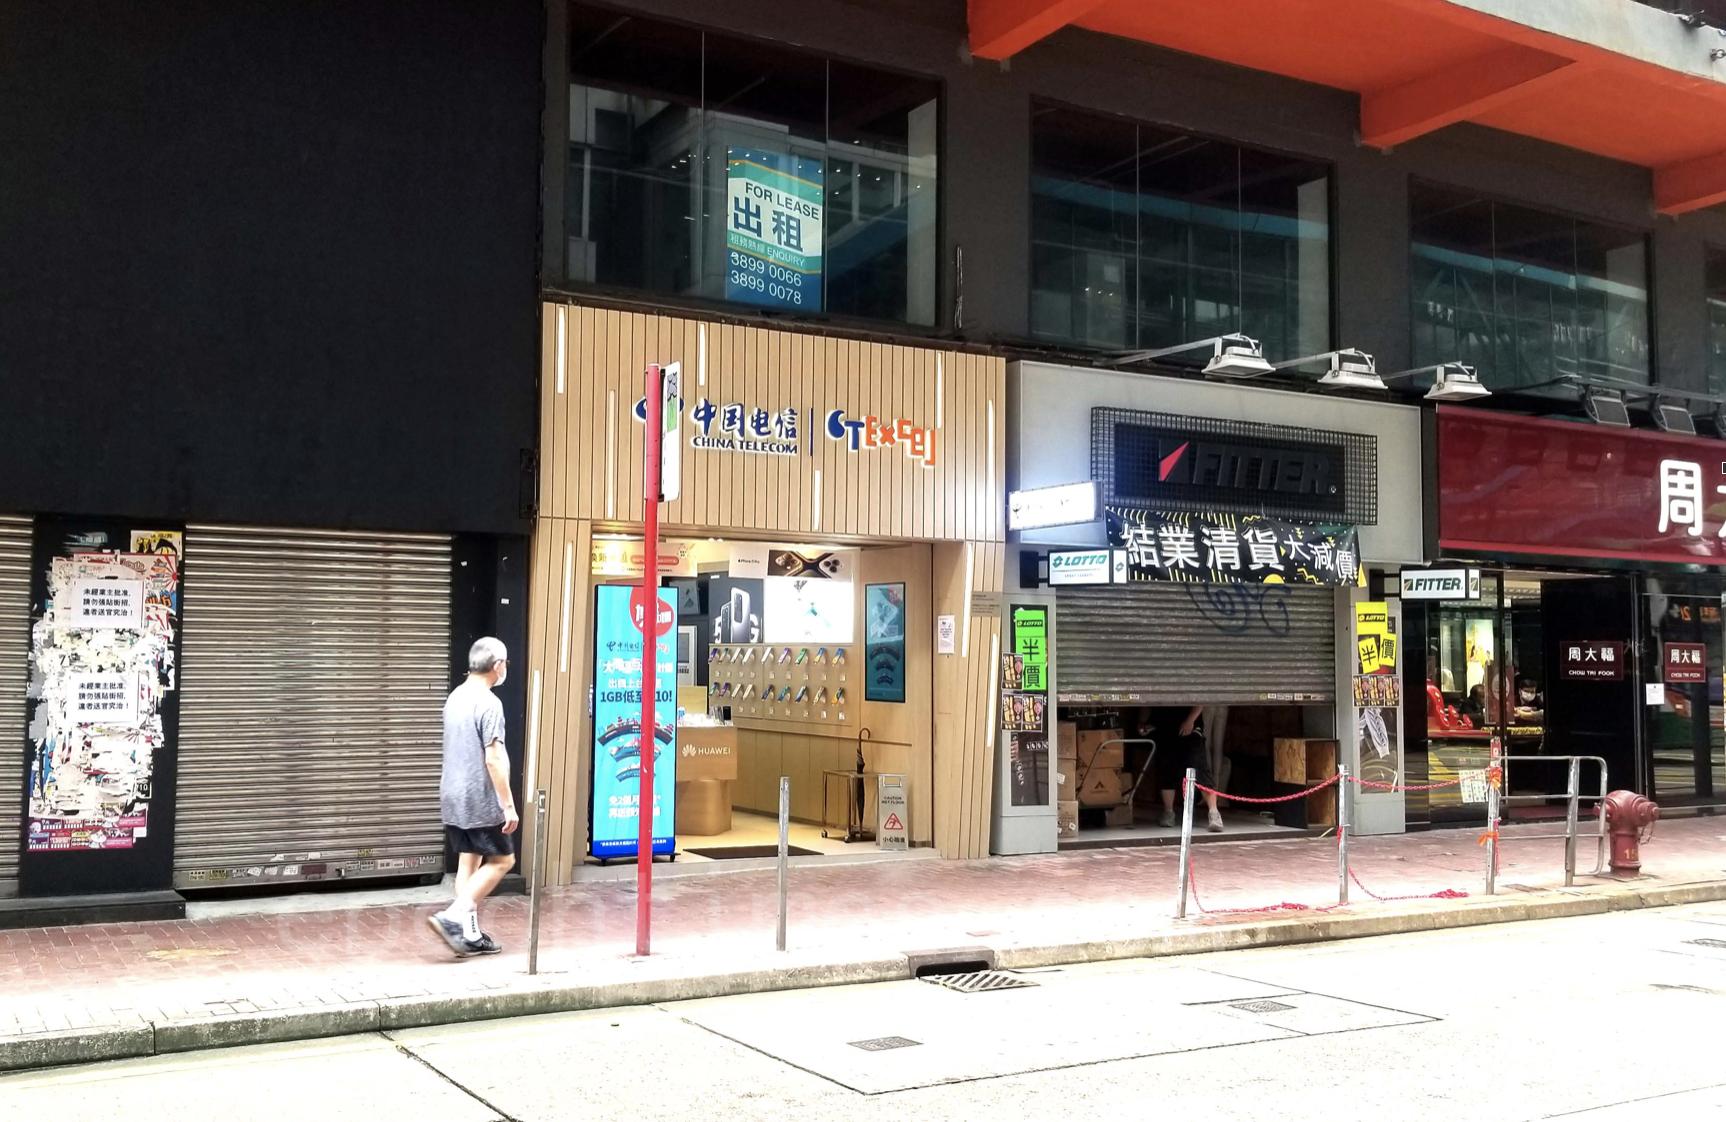 香港7月零售跌23.9%,穆迪預測香港全年GDP收縮8%。(李曉彤 / 大紀元)